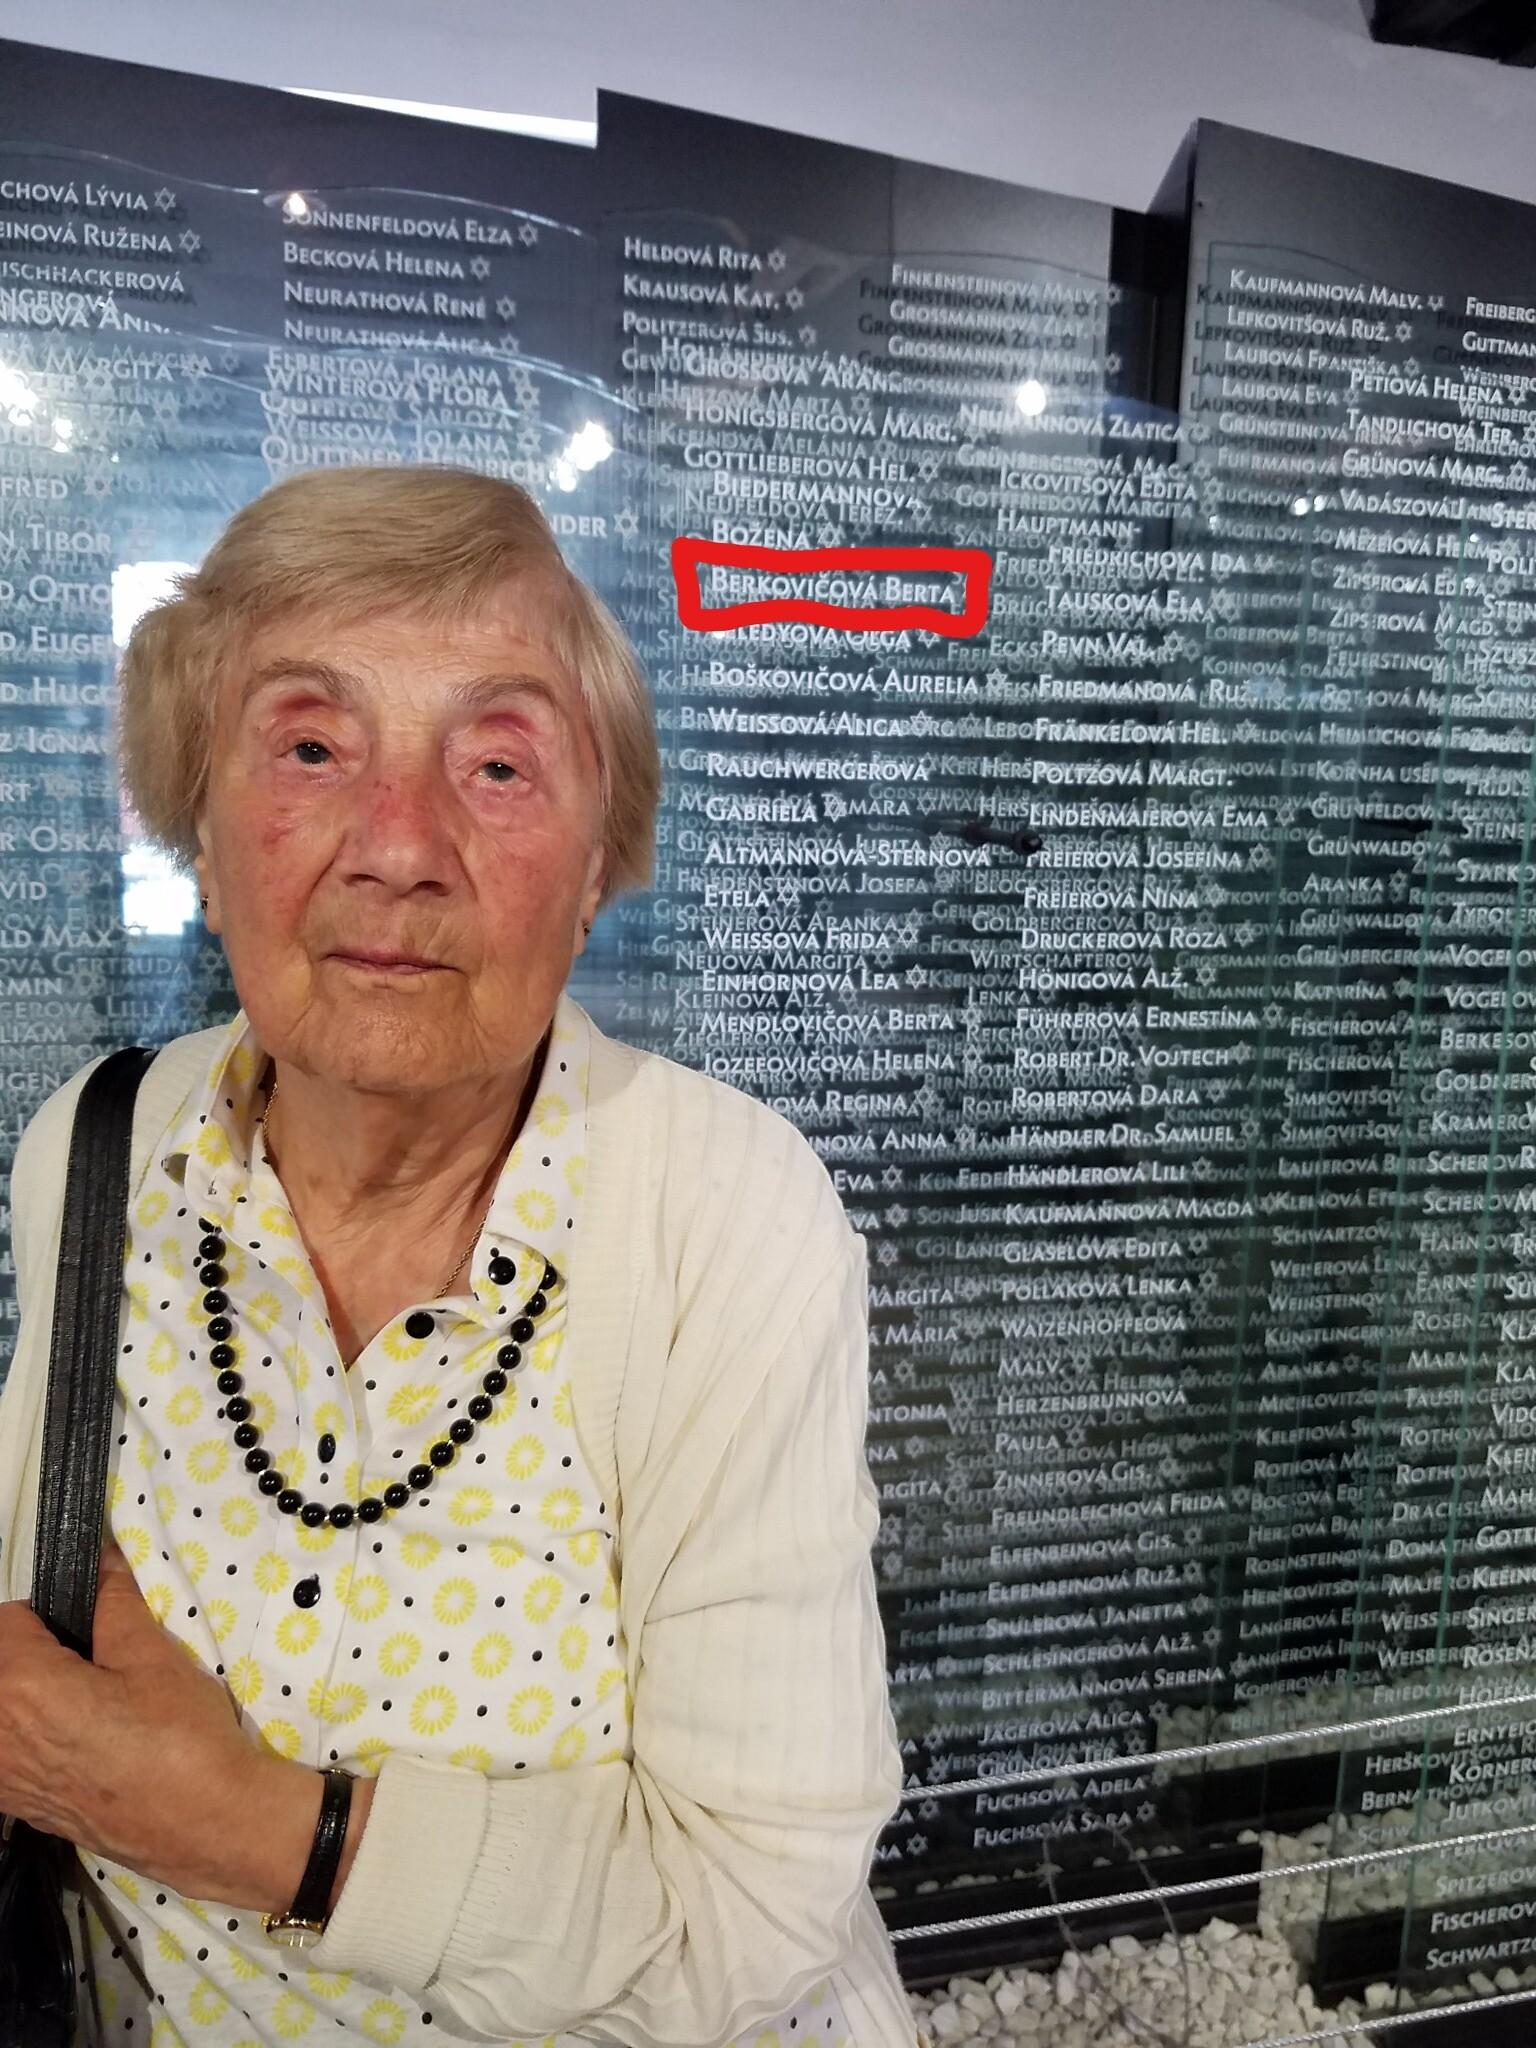 Au musée de la Shoah Sered en Slovaquie, Berta Kohut se tient devant une plaque qui l'a placée, par erreur, parmi les victimes d'Auschwitz, en 2016. (Autorisation : Tom Areton)